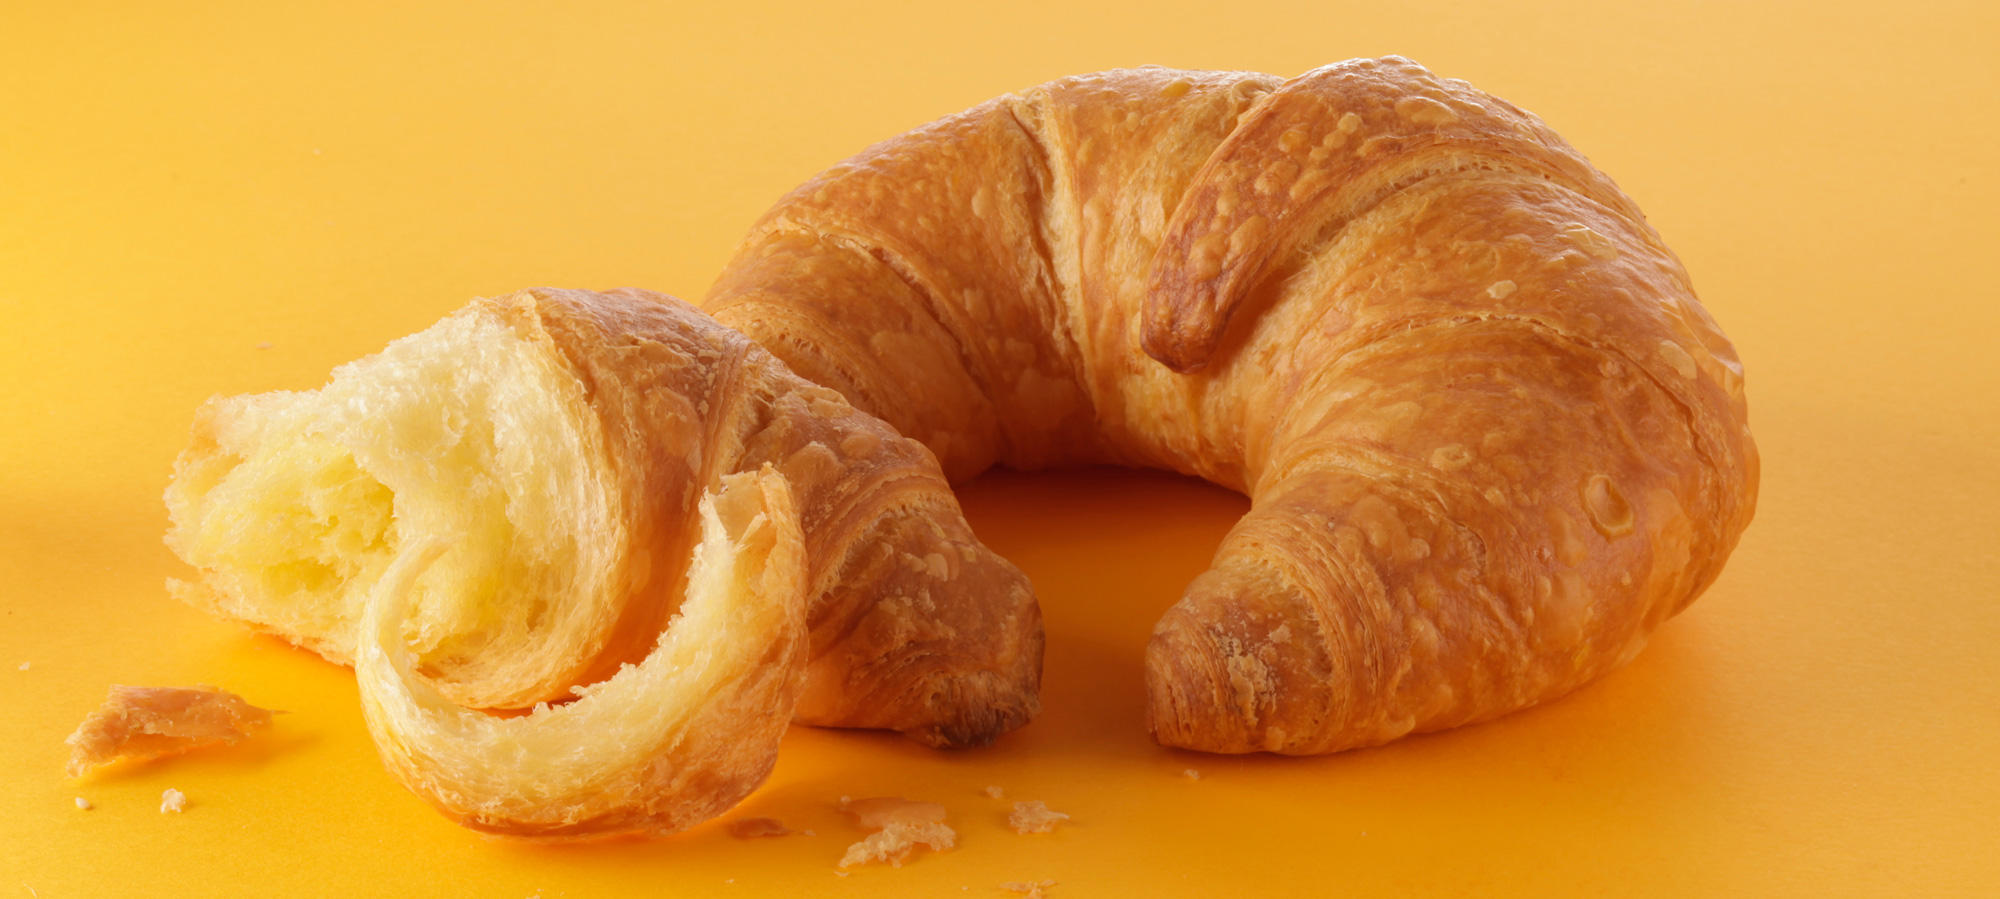 Croissant-_0038